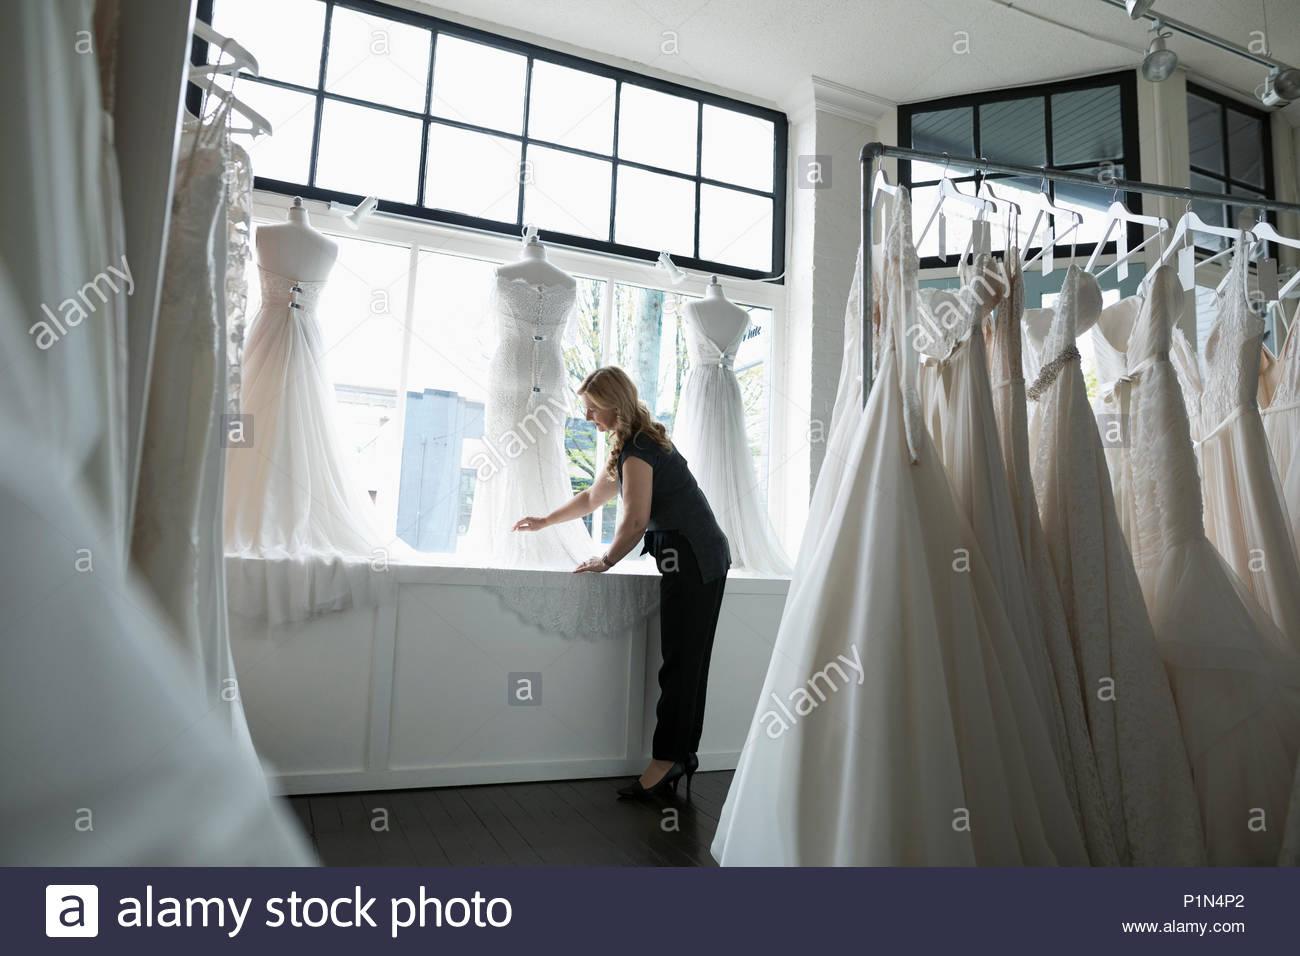 Bridal boutique proprietario disponendo abito da sposa la finestra di visualizzazione Immagini Stock